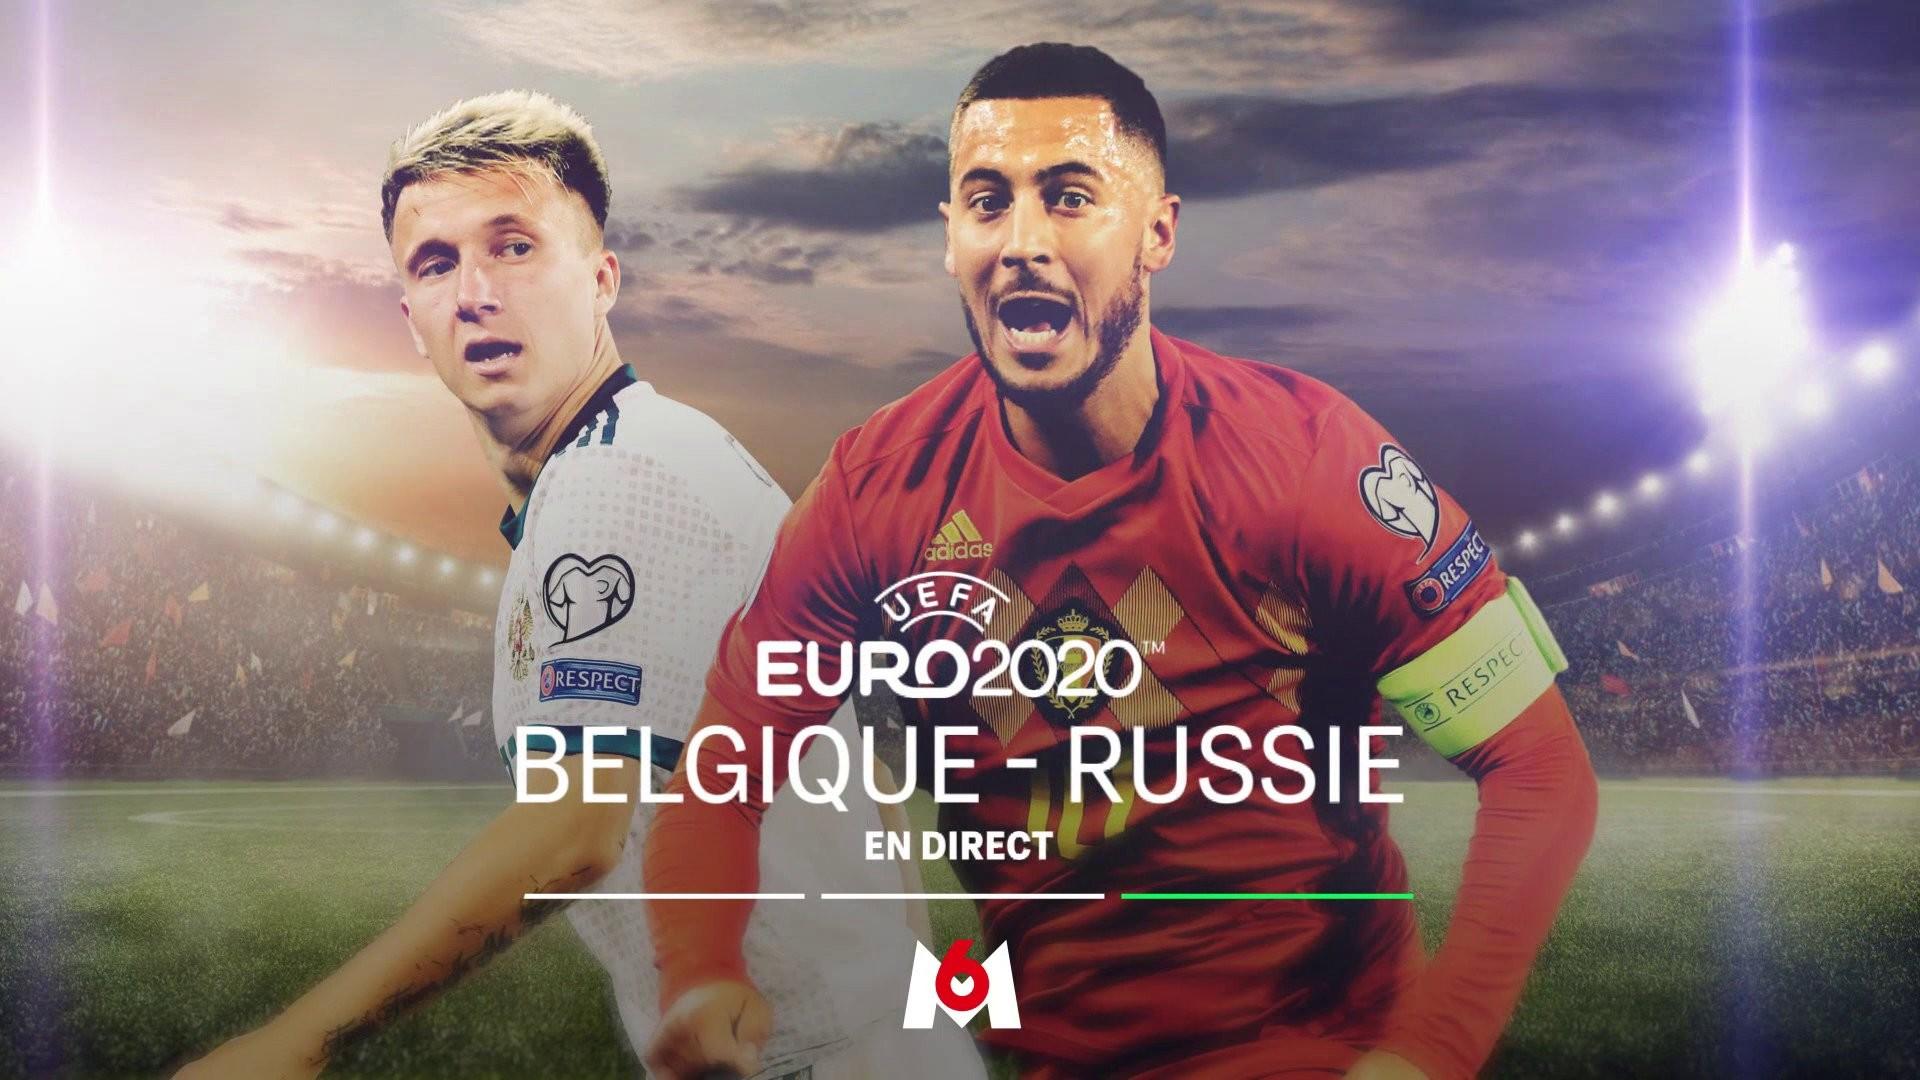 M6 Euro 2020 Belgique Russie